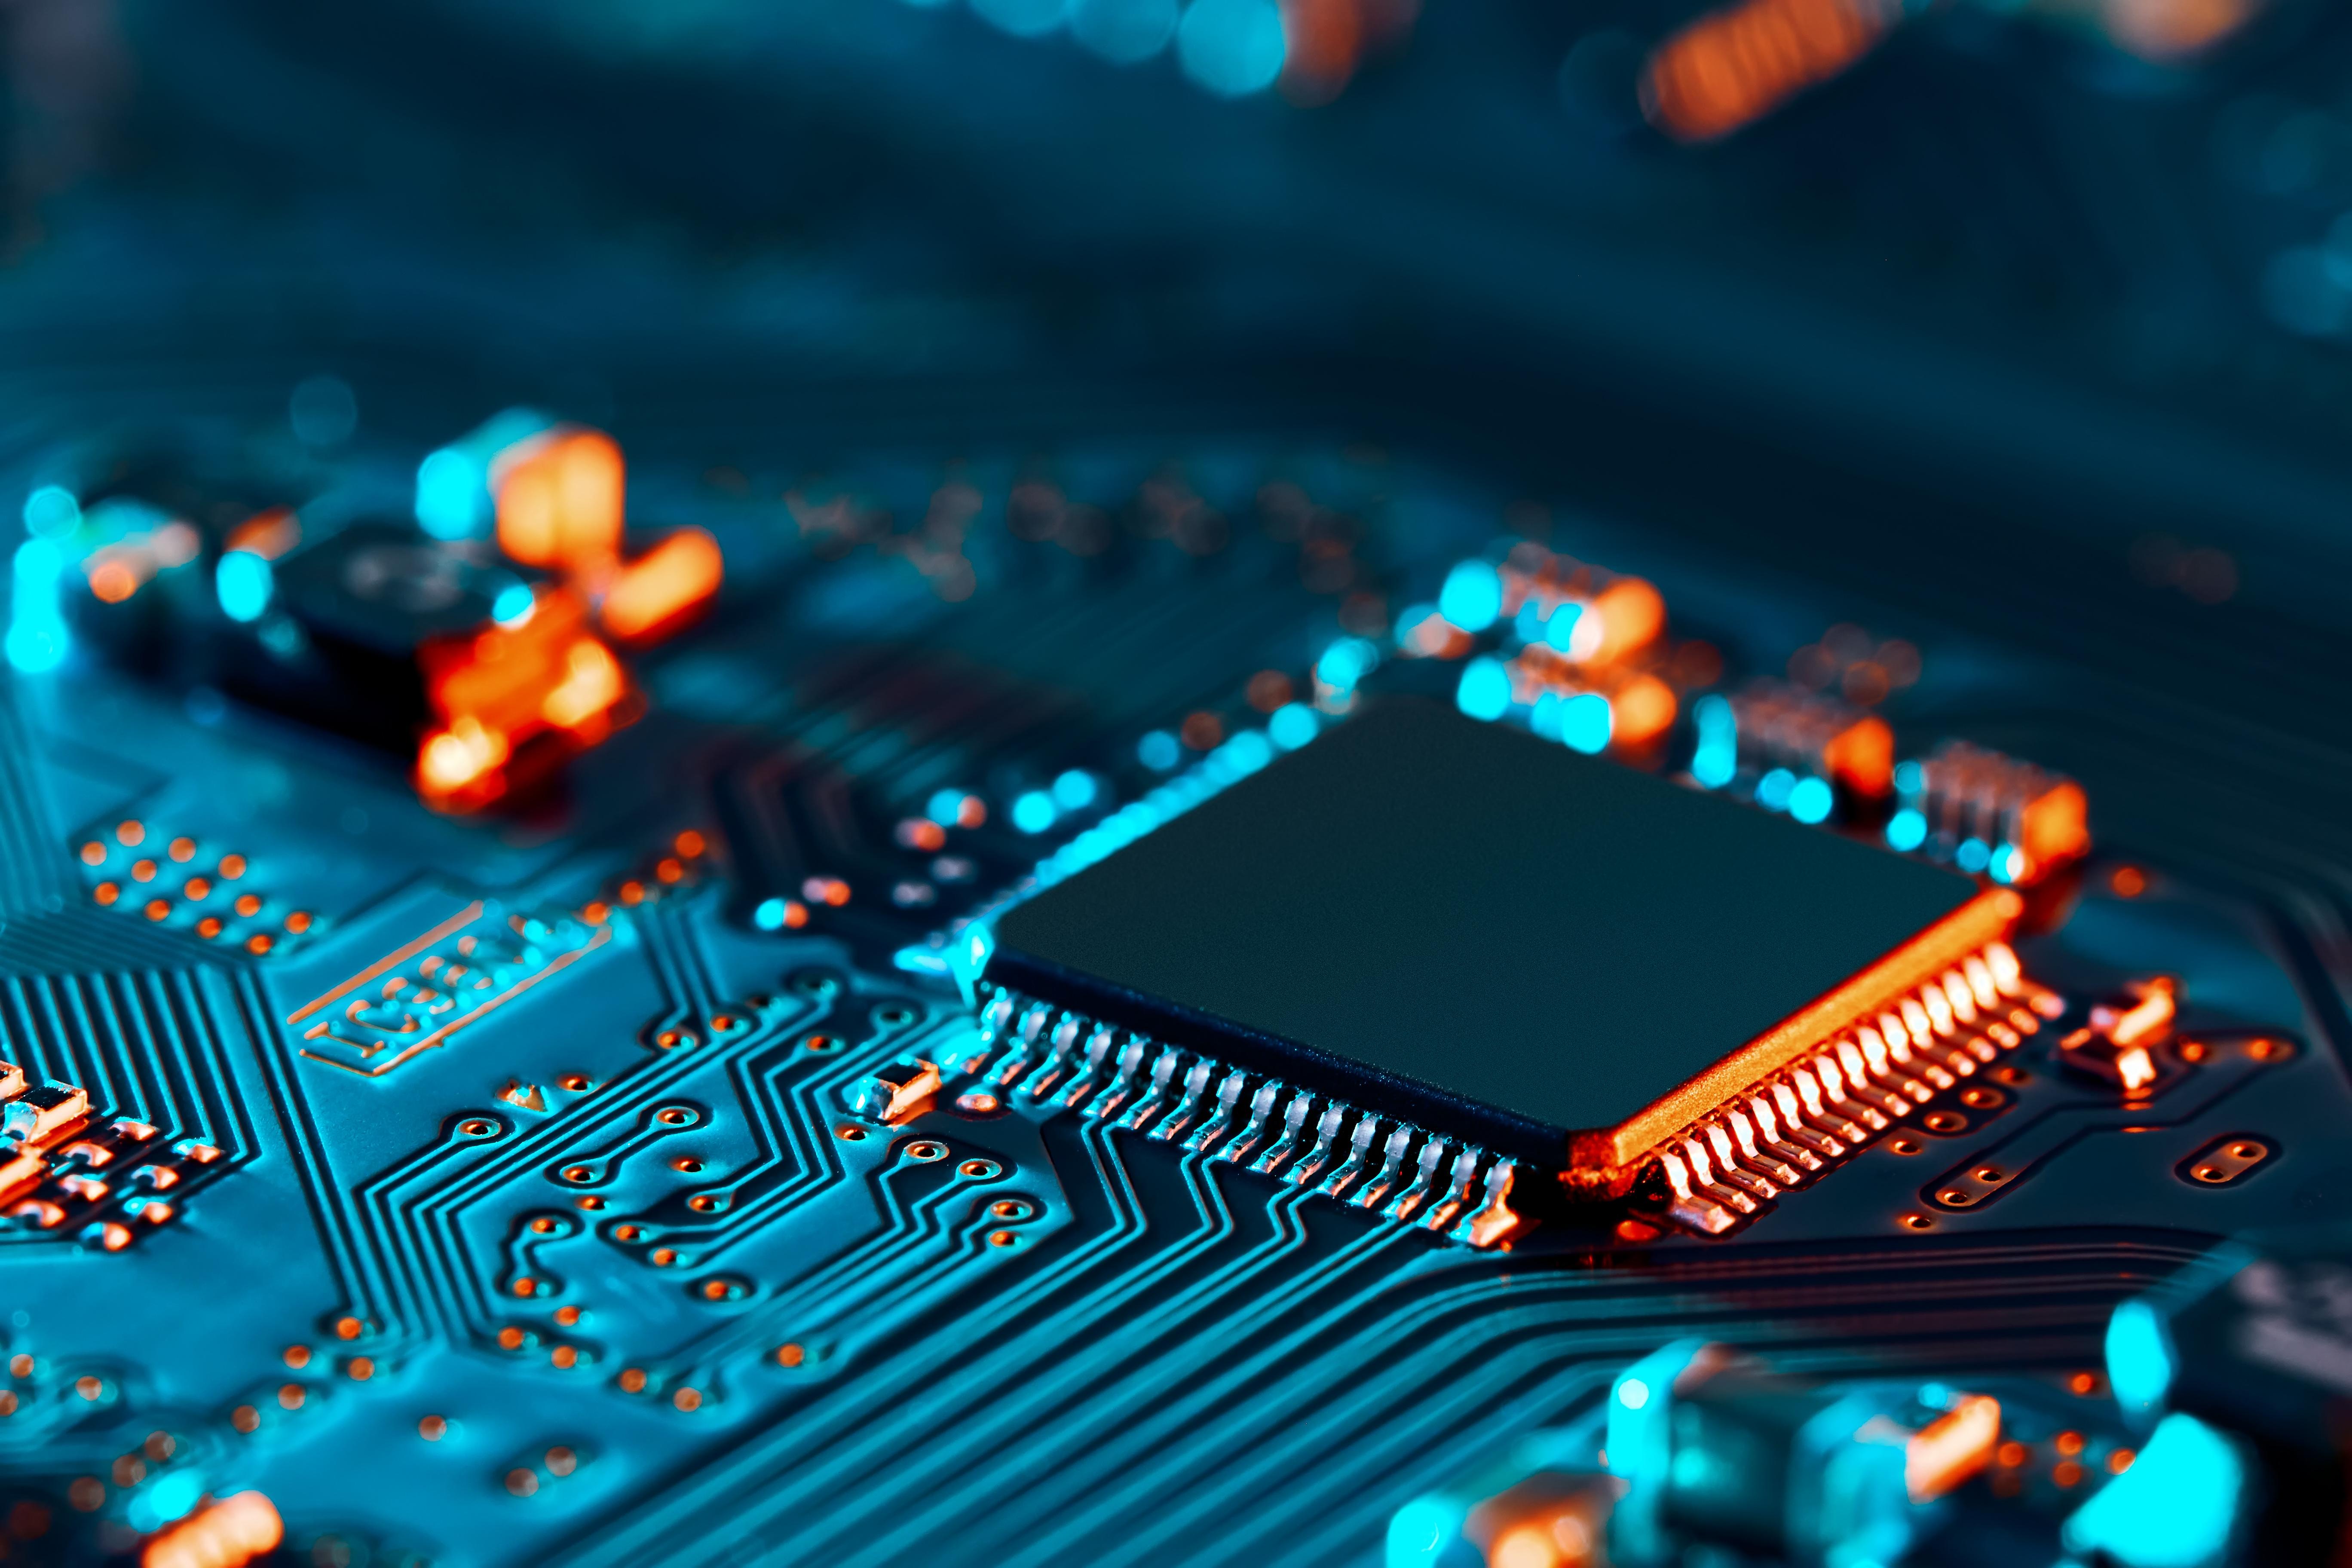 L'informatique quantique est-elle une menace pour la cybersécurité ?